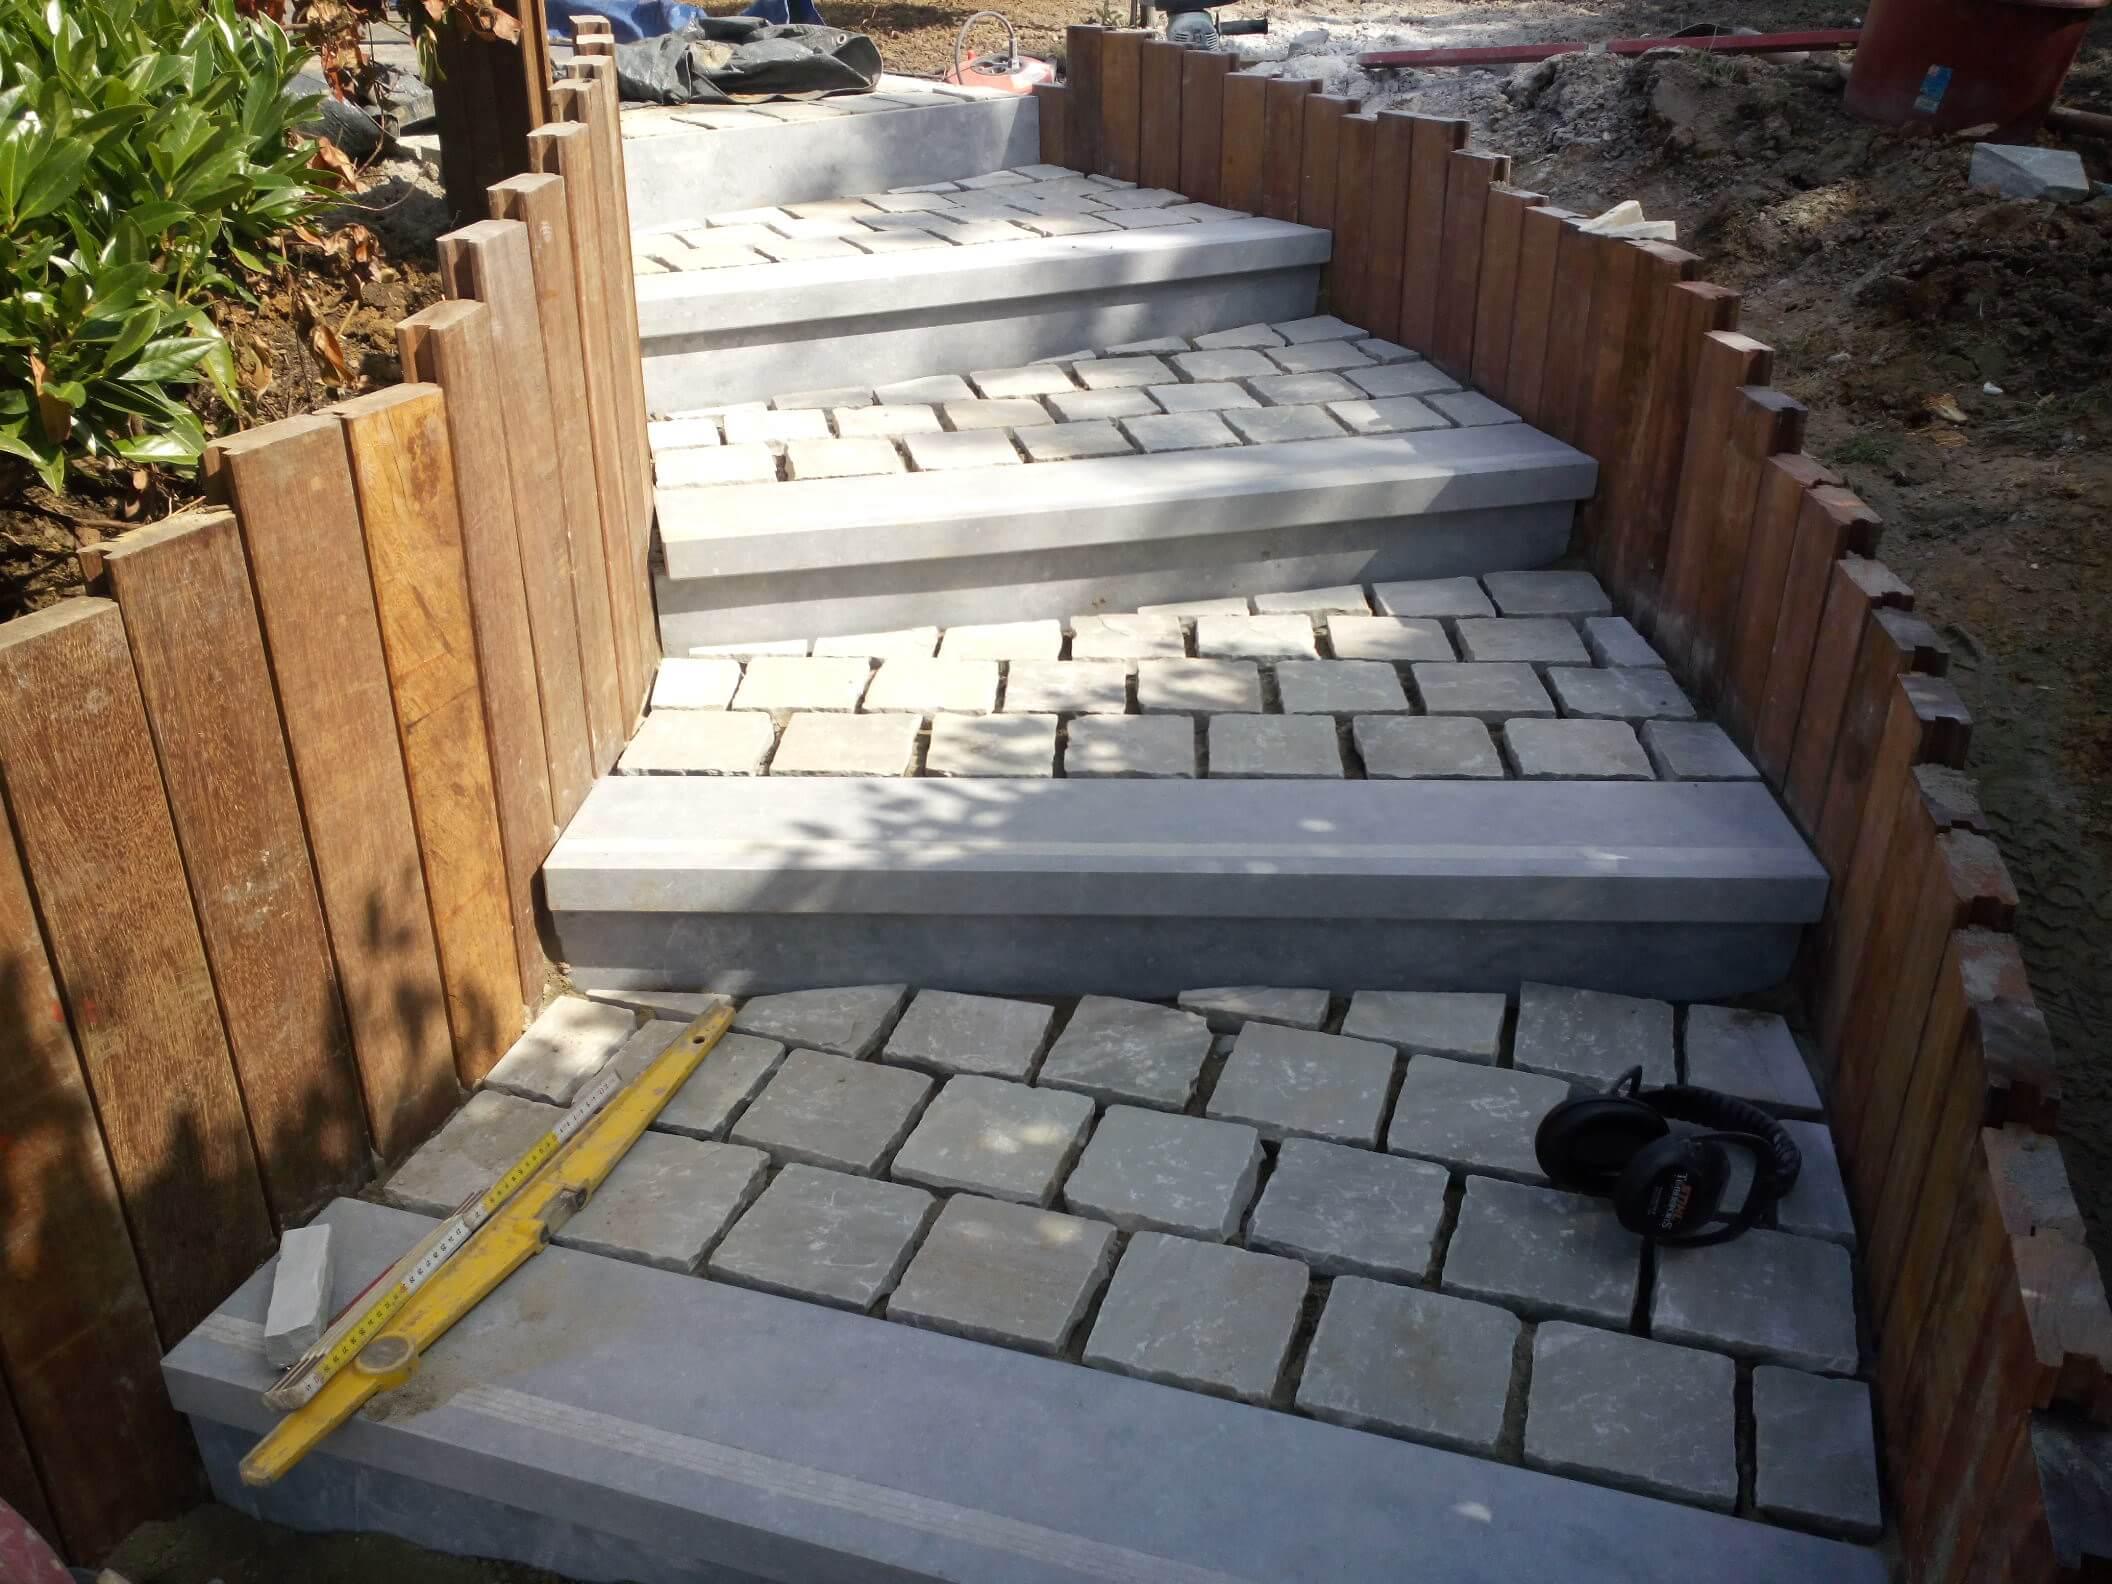 pav kandla retenue de terre azob escalier pierre bleue